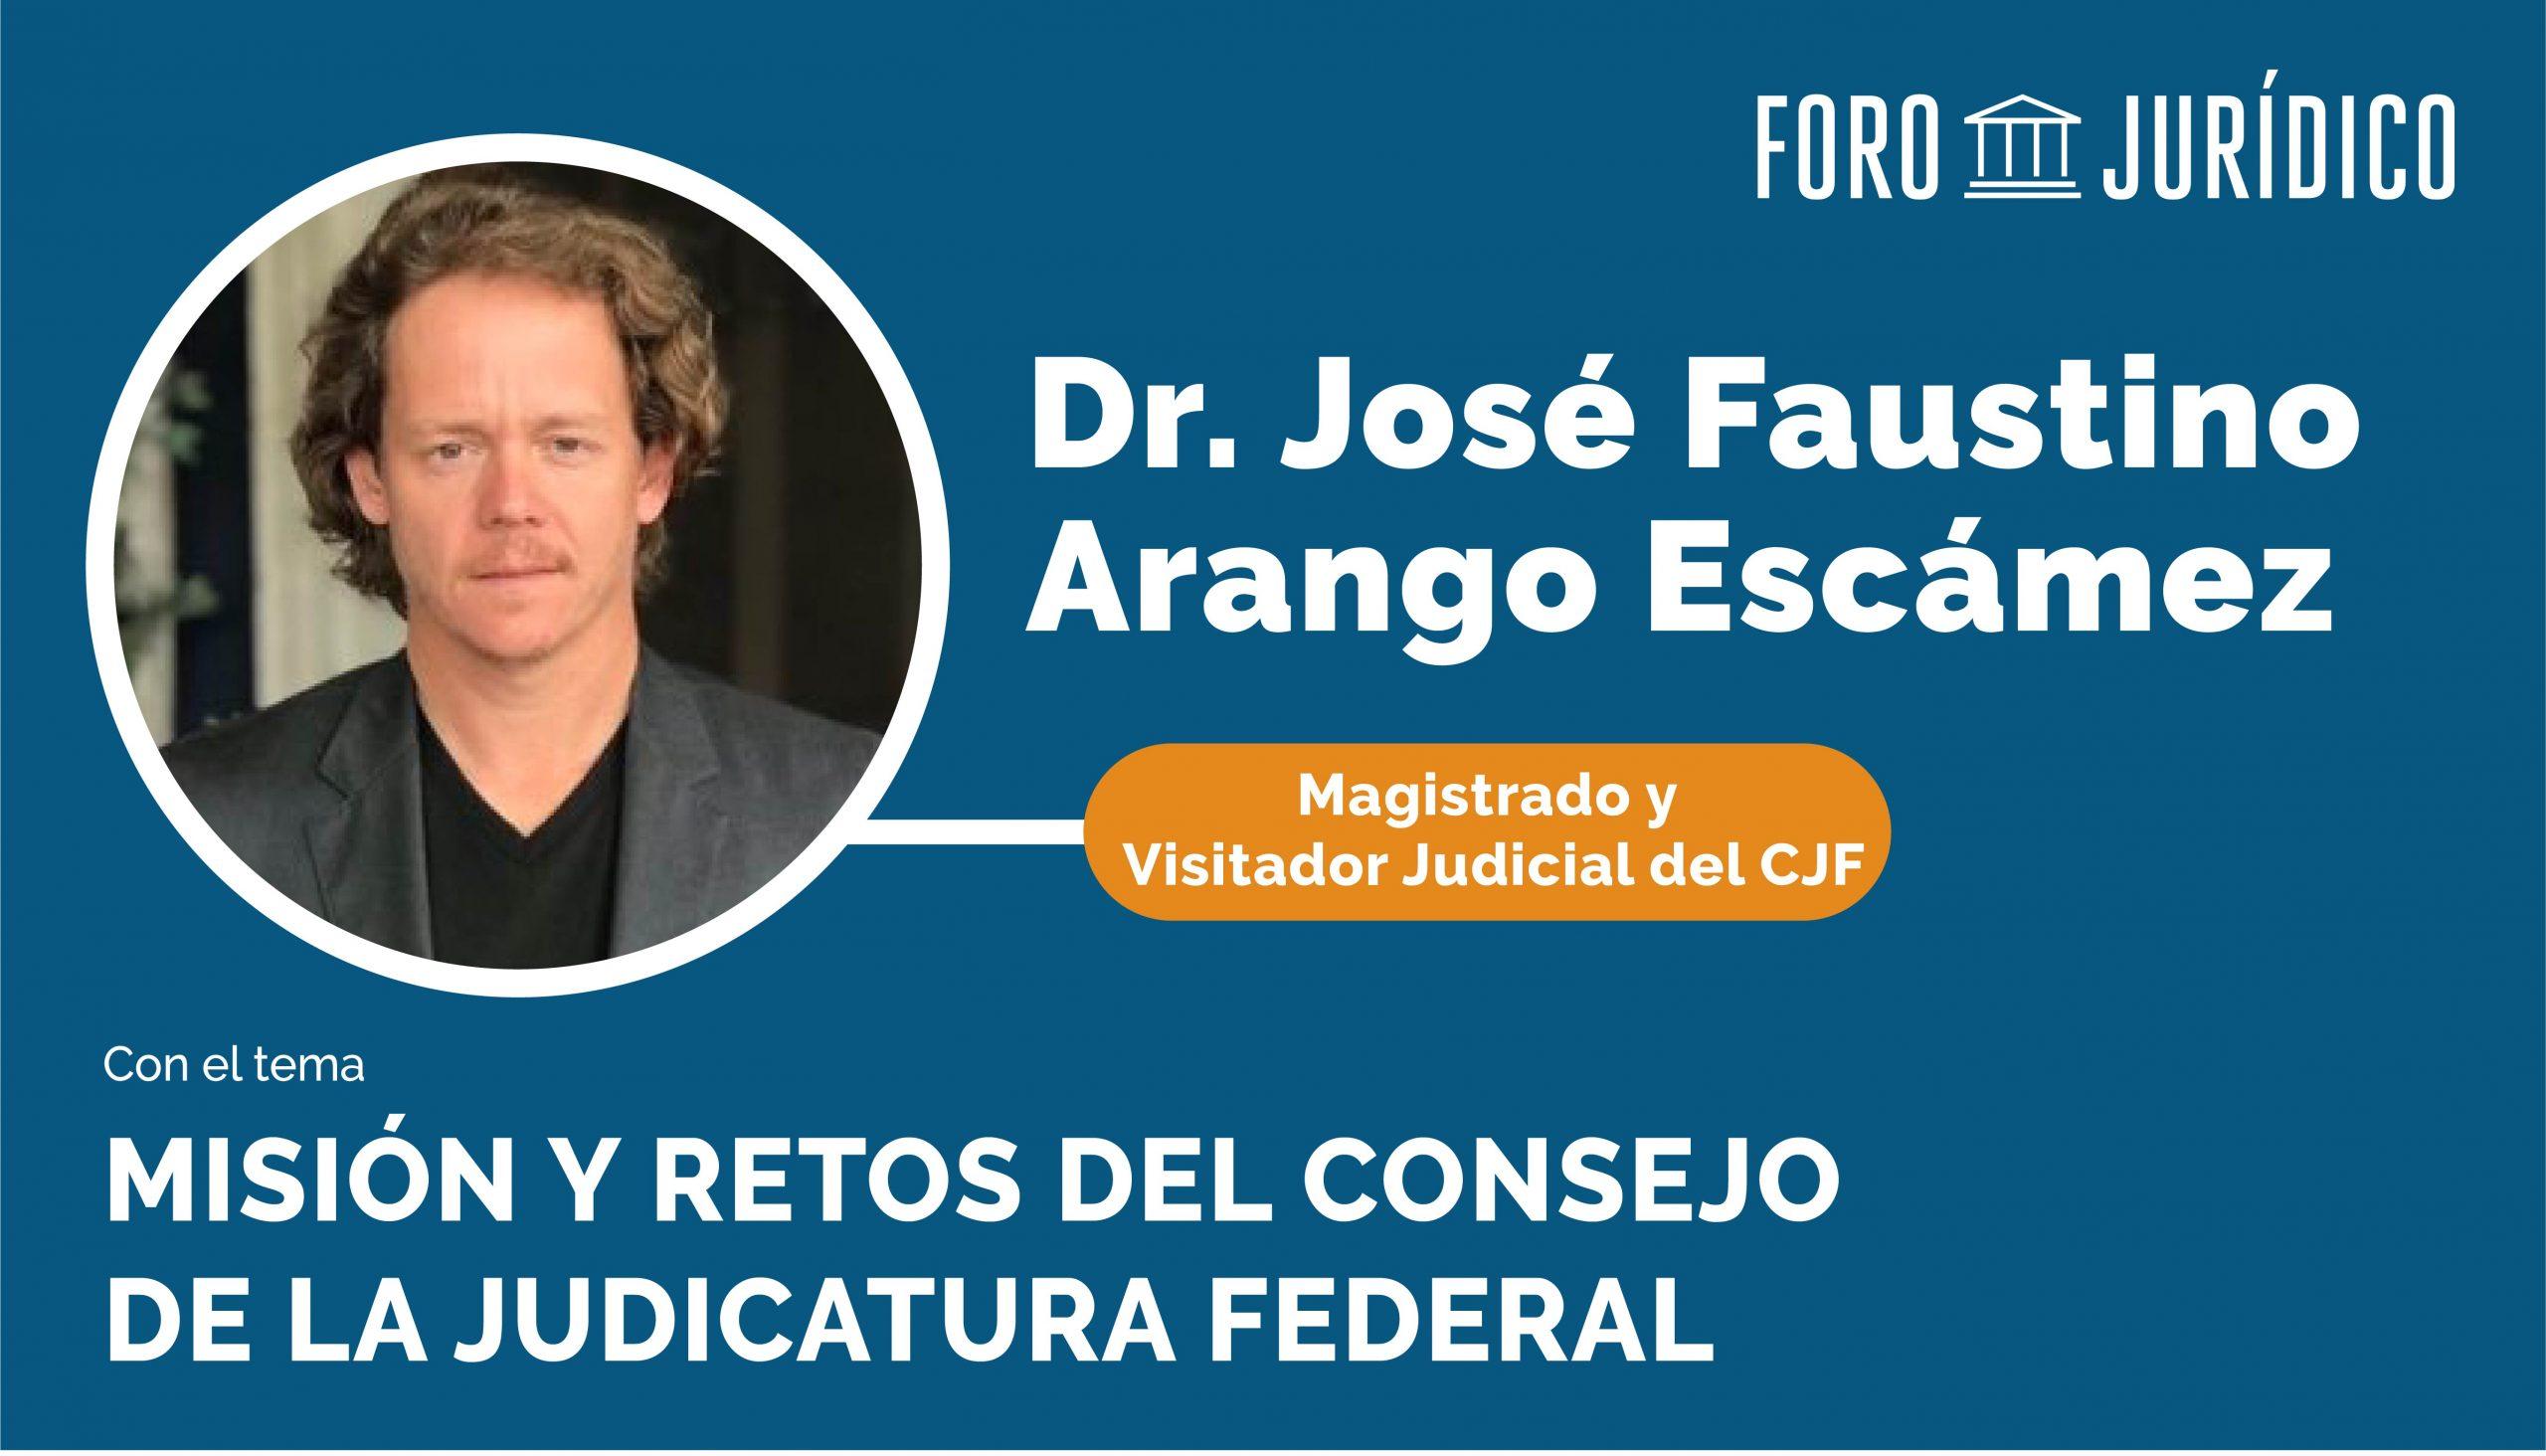 foro jurídico Misión y Retos del Consejo de la Judicatura Federal